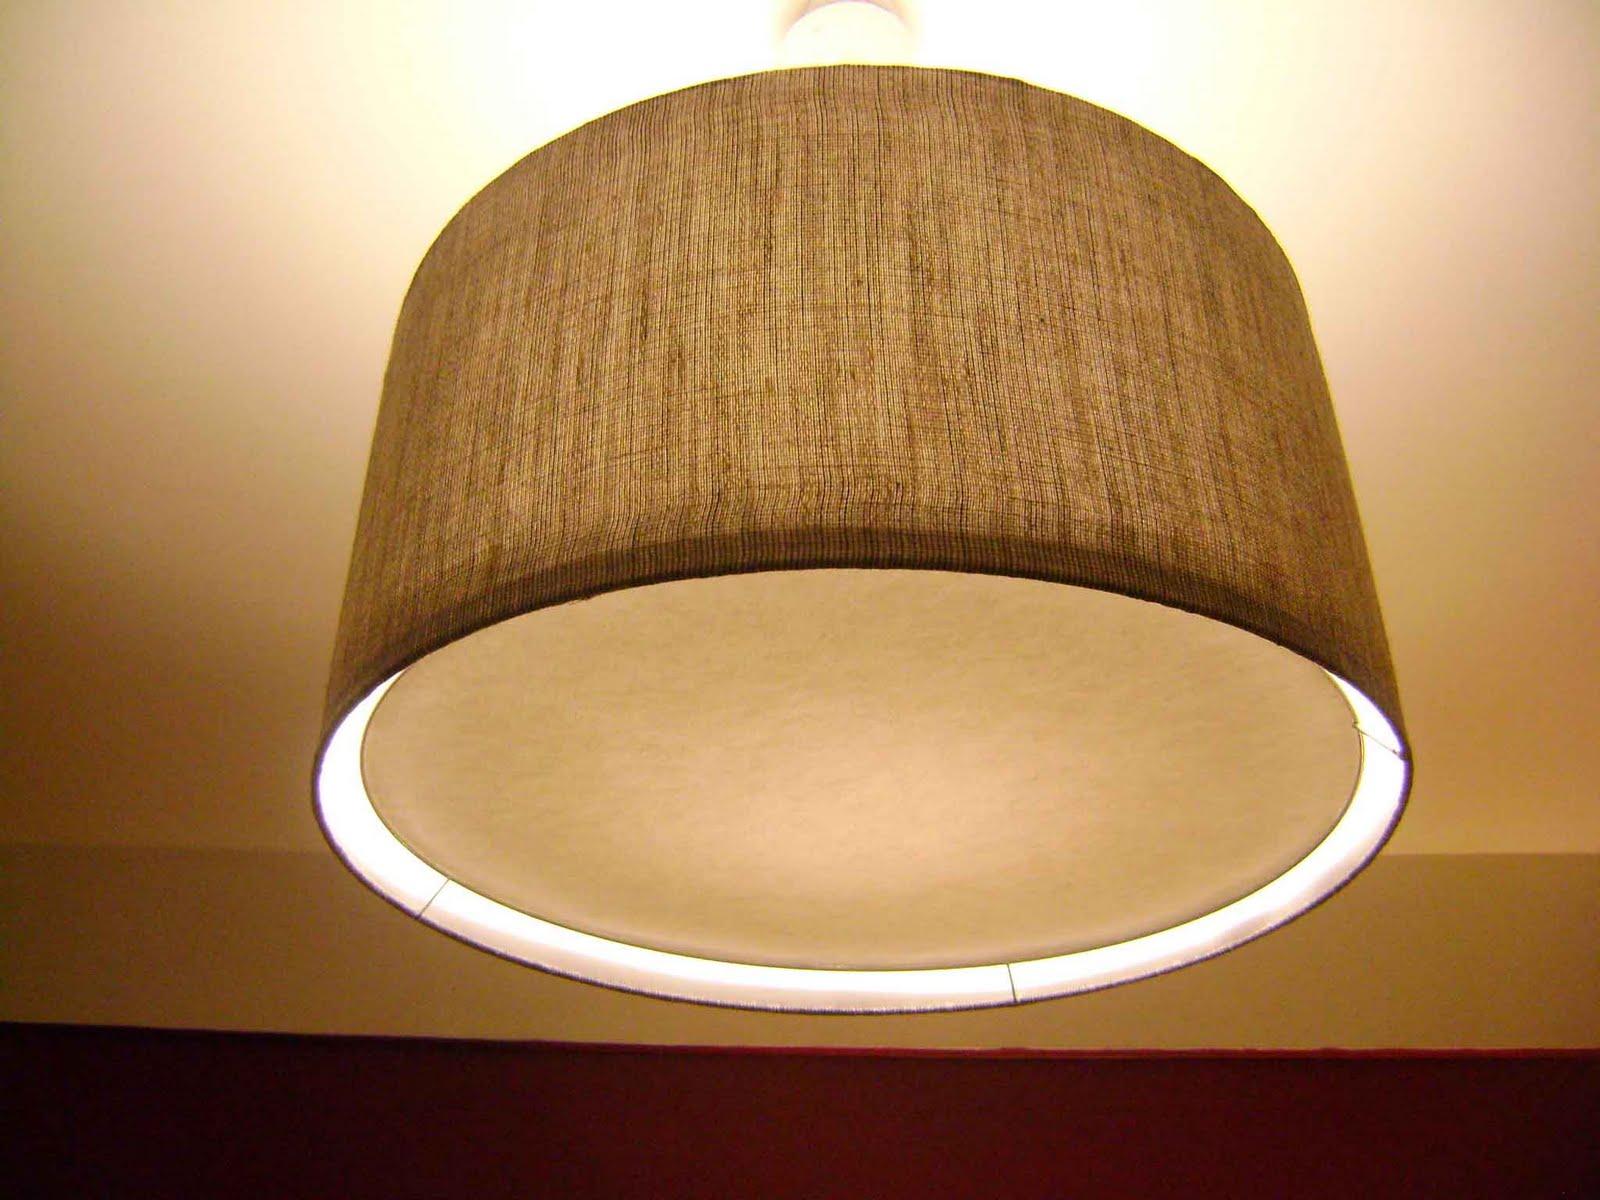 Fabricacion de lamparas y pantallas chile - Pantallas de lamparas ...